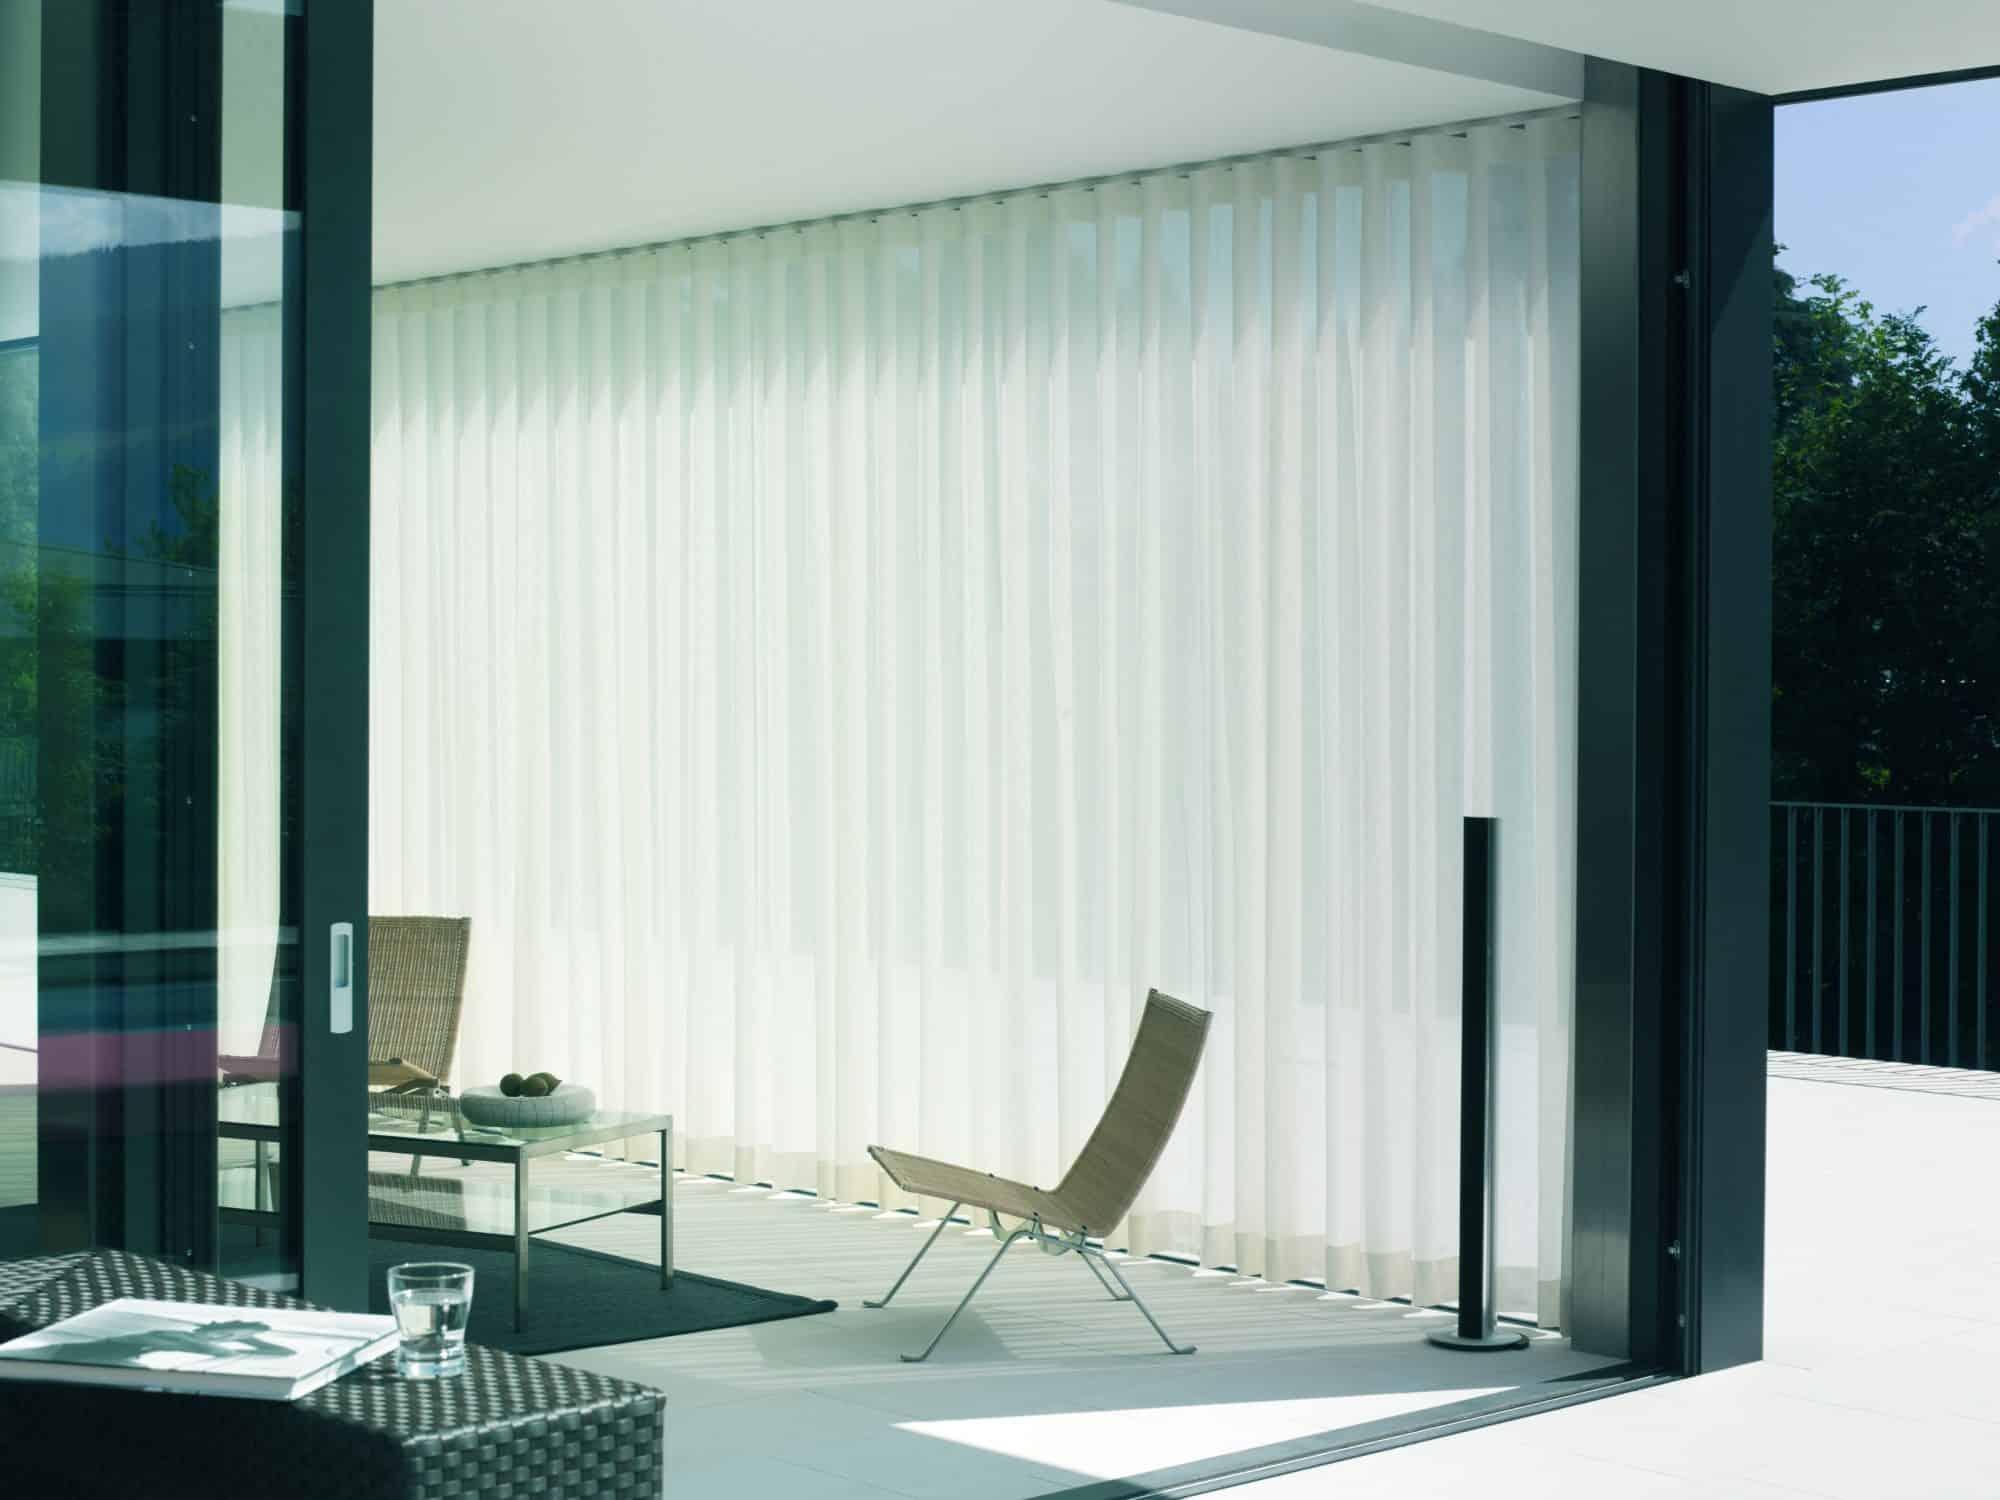 etofea un projet de rideaux sur mesure dans un duplex etofea. Black Bedroom Furniture Sets. Home Design Ideas